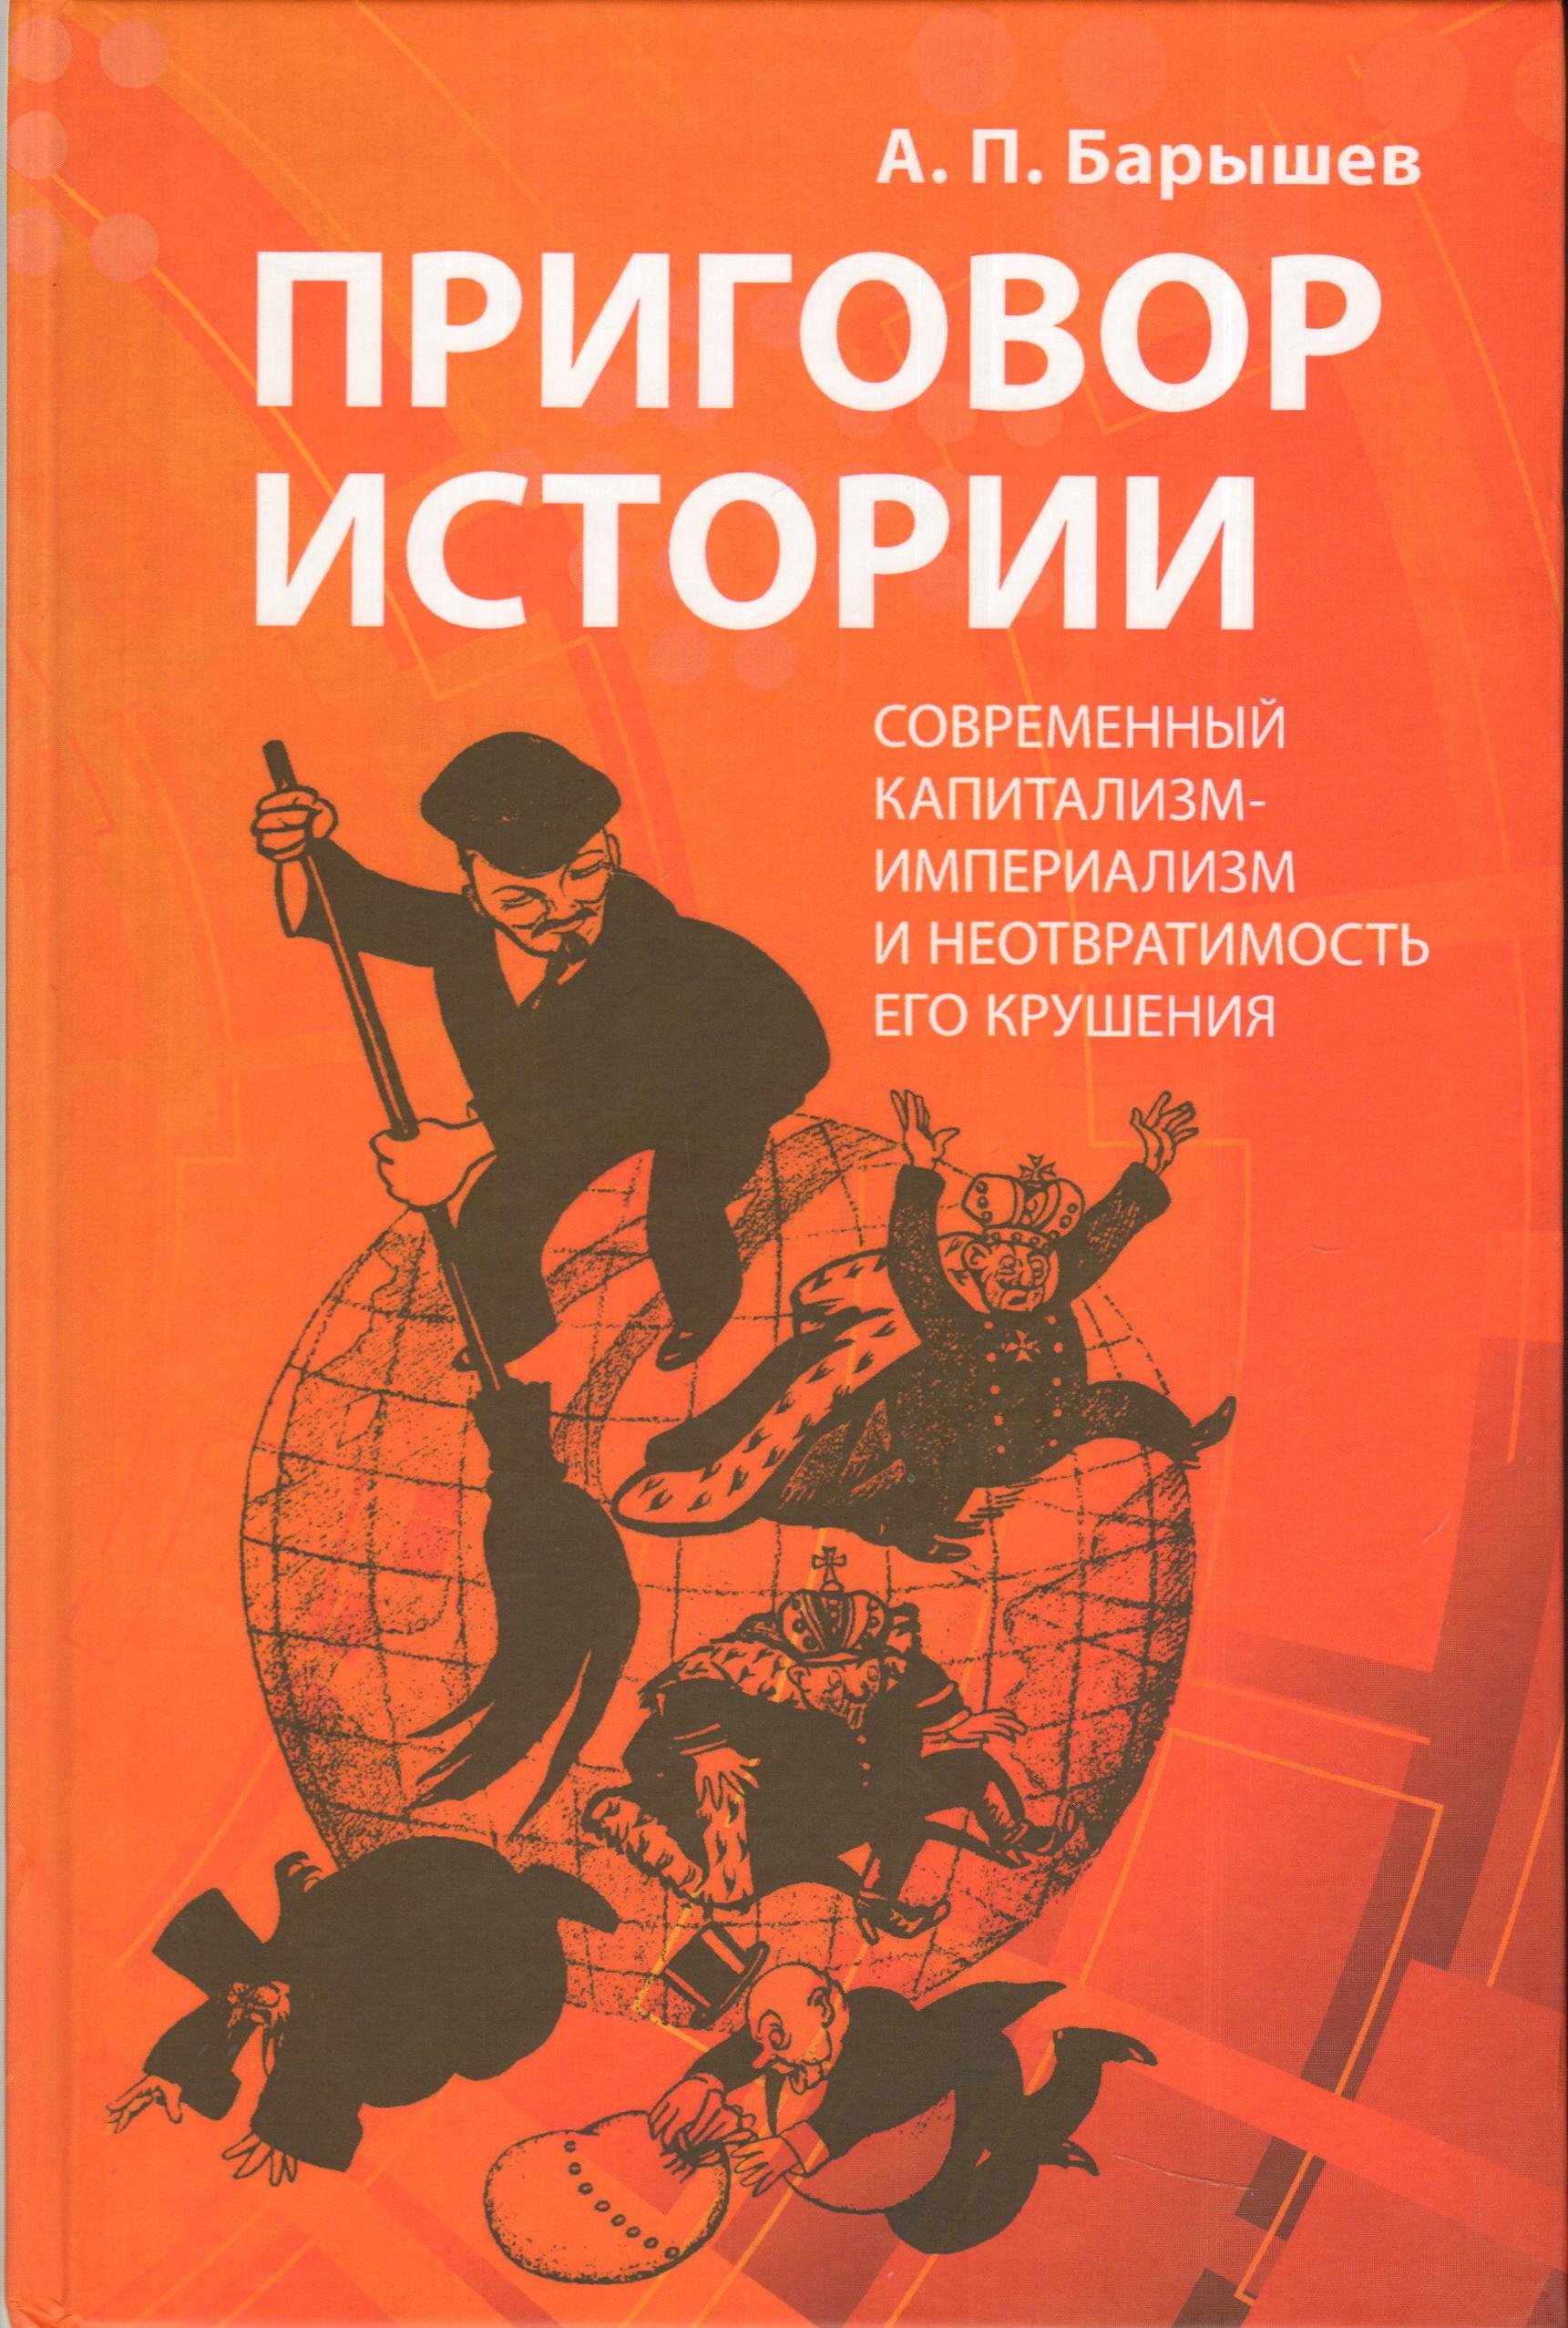 Приговор истории (современный капитализм-импер.)